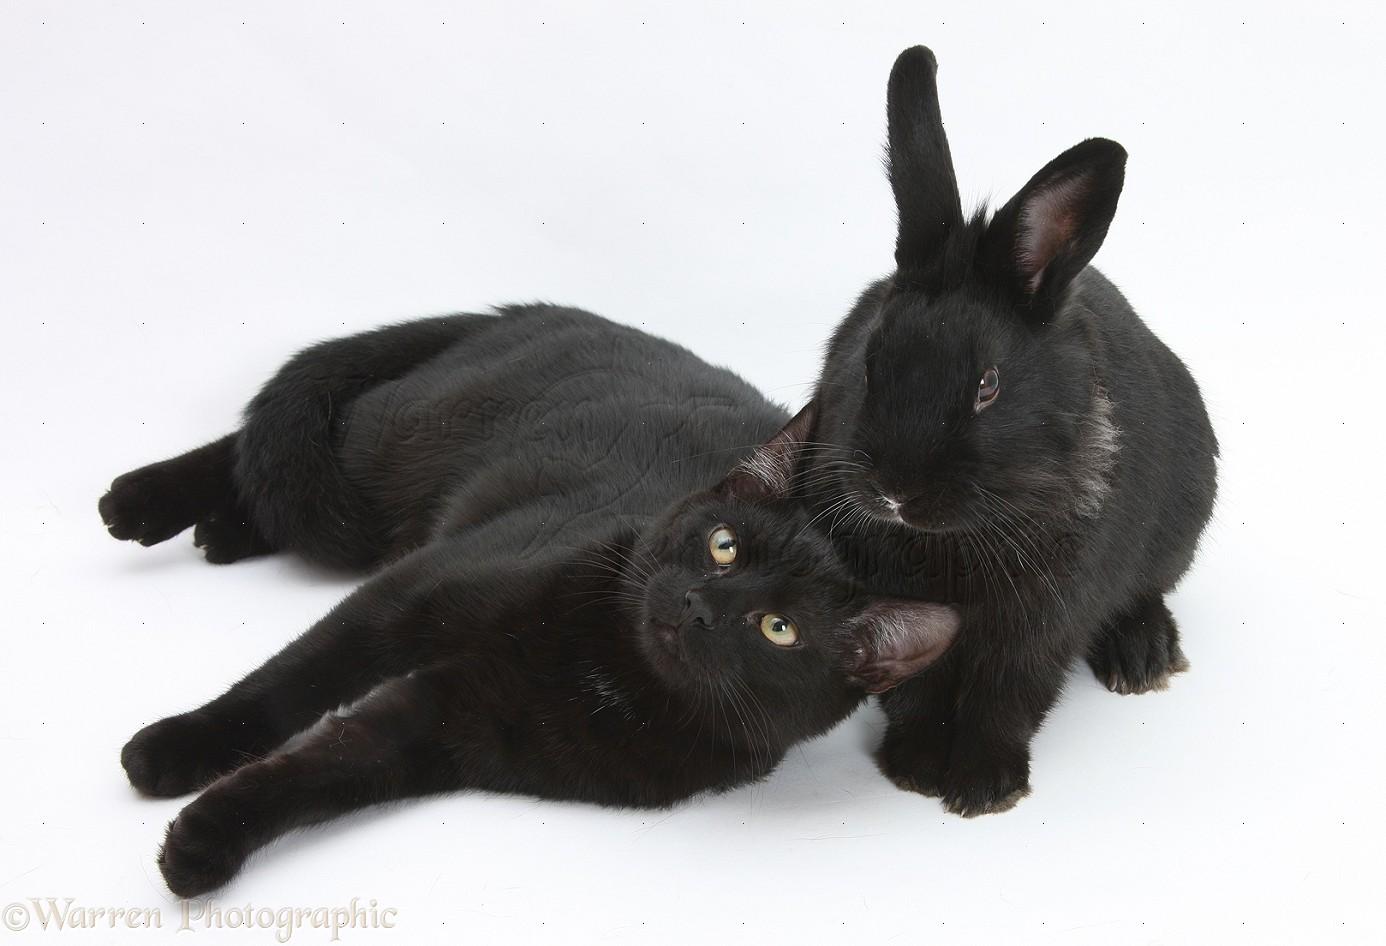 Whte Ginger Black Cat Together